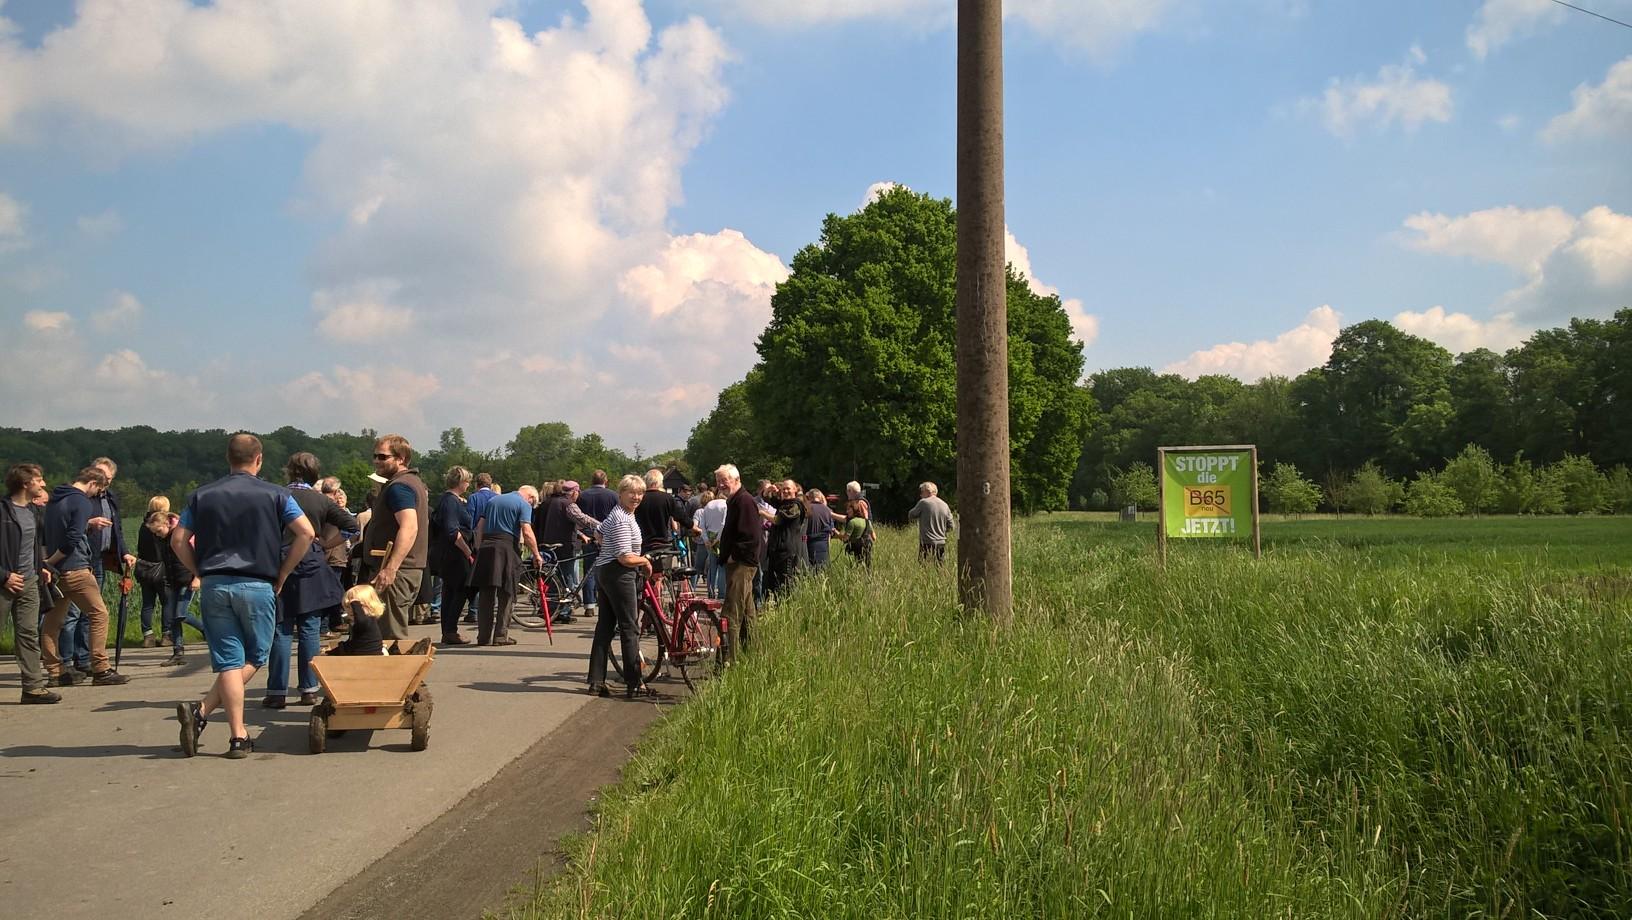 Schnatgang zum STOPP der neuen B65 mit über hundert Teilnehmer*innen